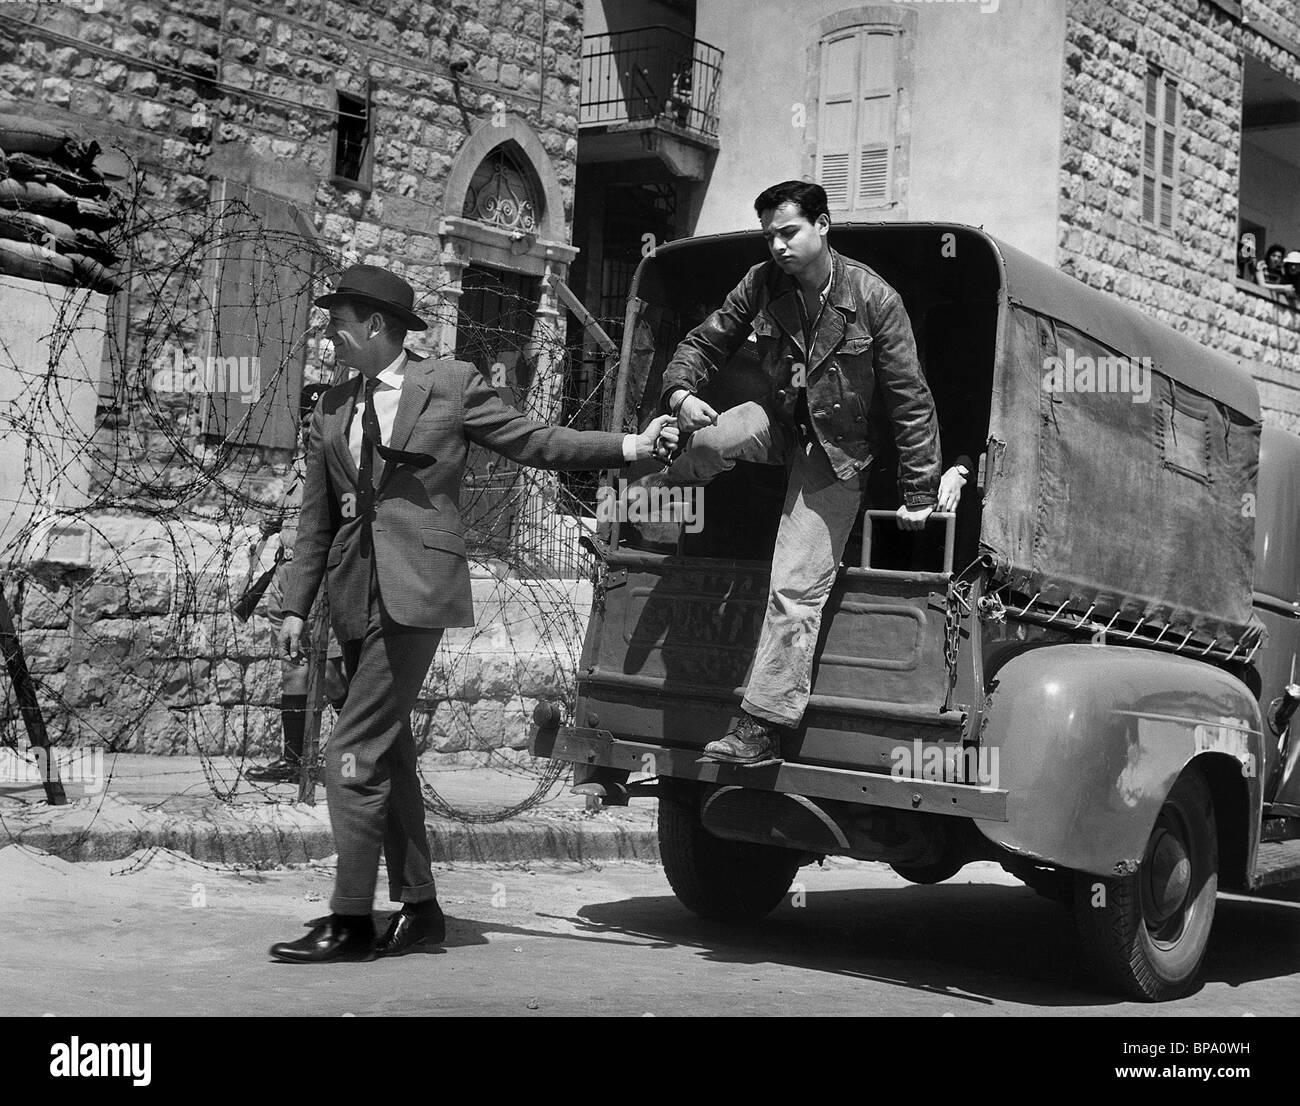 SAL MINEO EXODUS (1960) - Stock Image